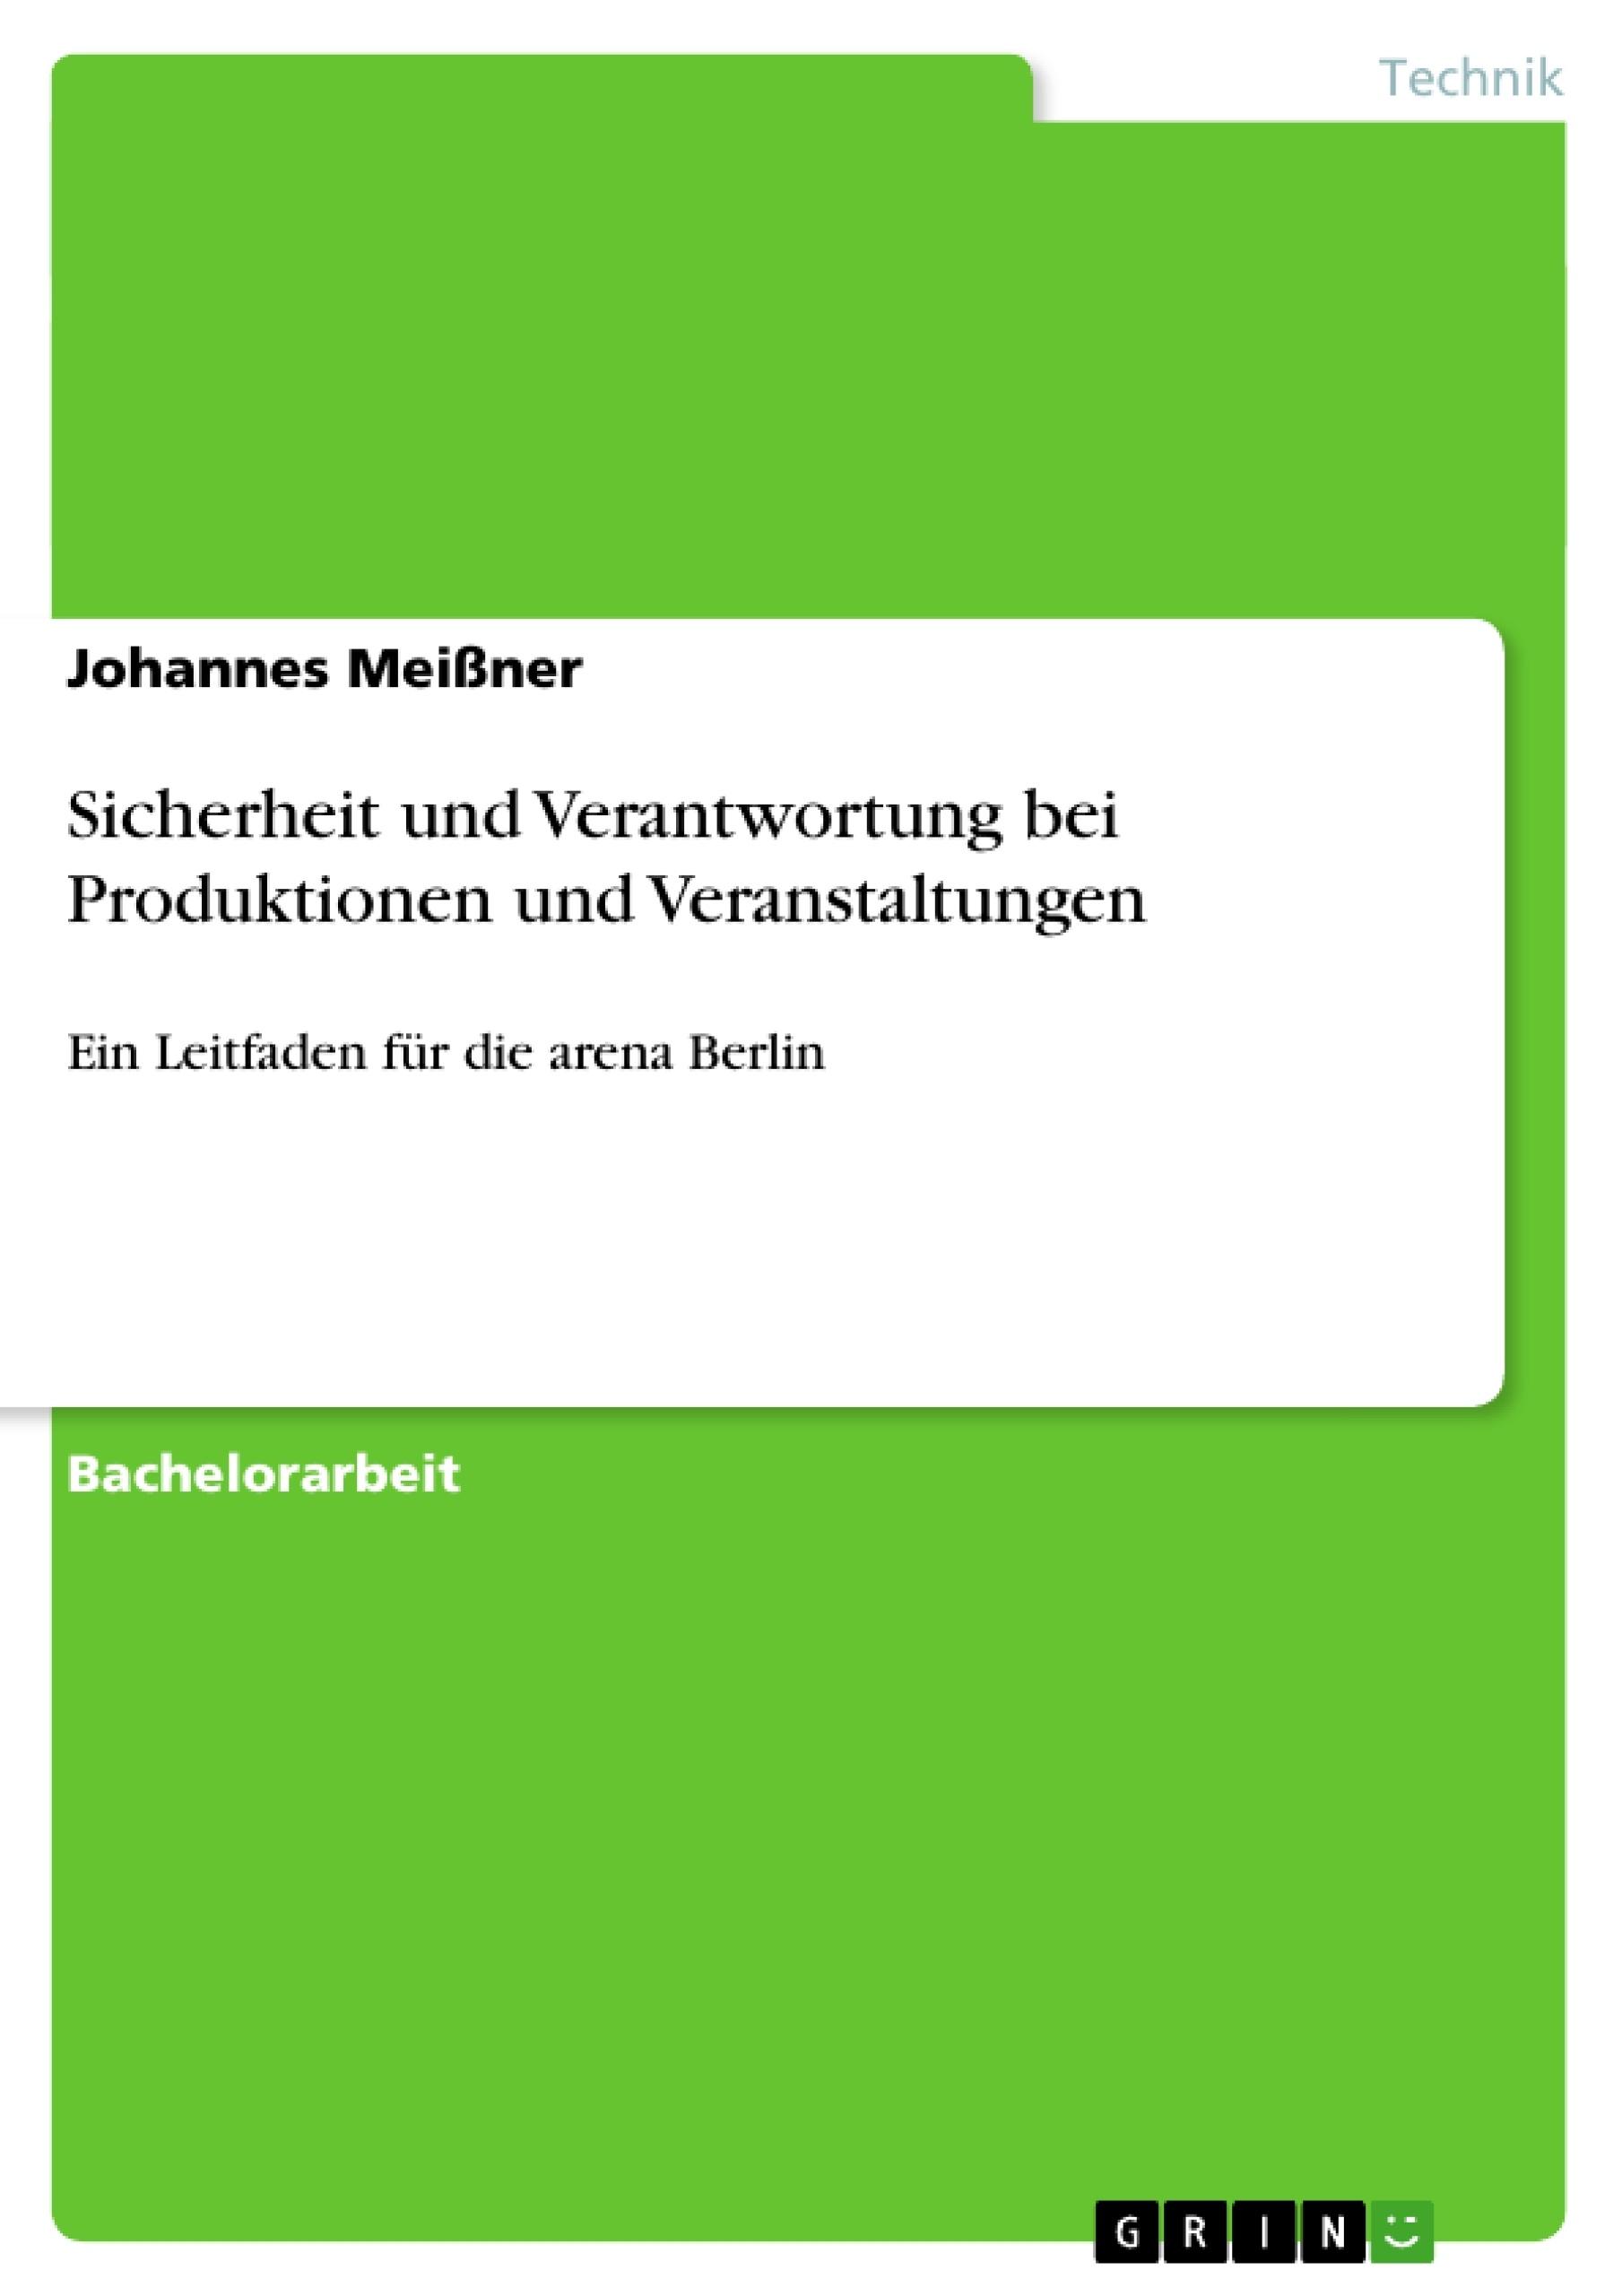 Titel: Sicherheit und Verantwortung bei Produktionen und Veranstaltungen